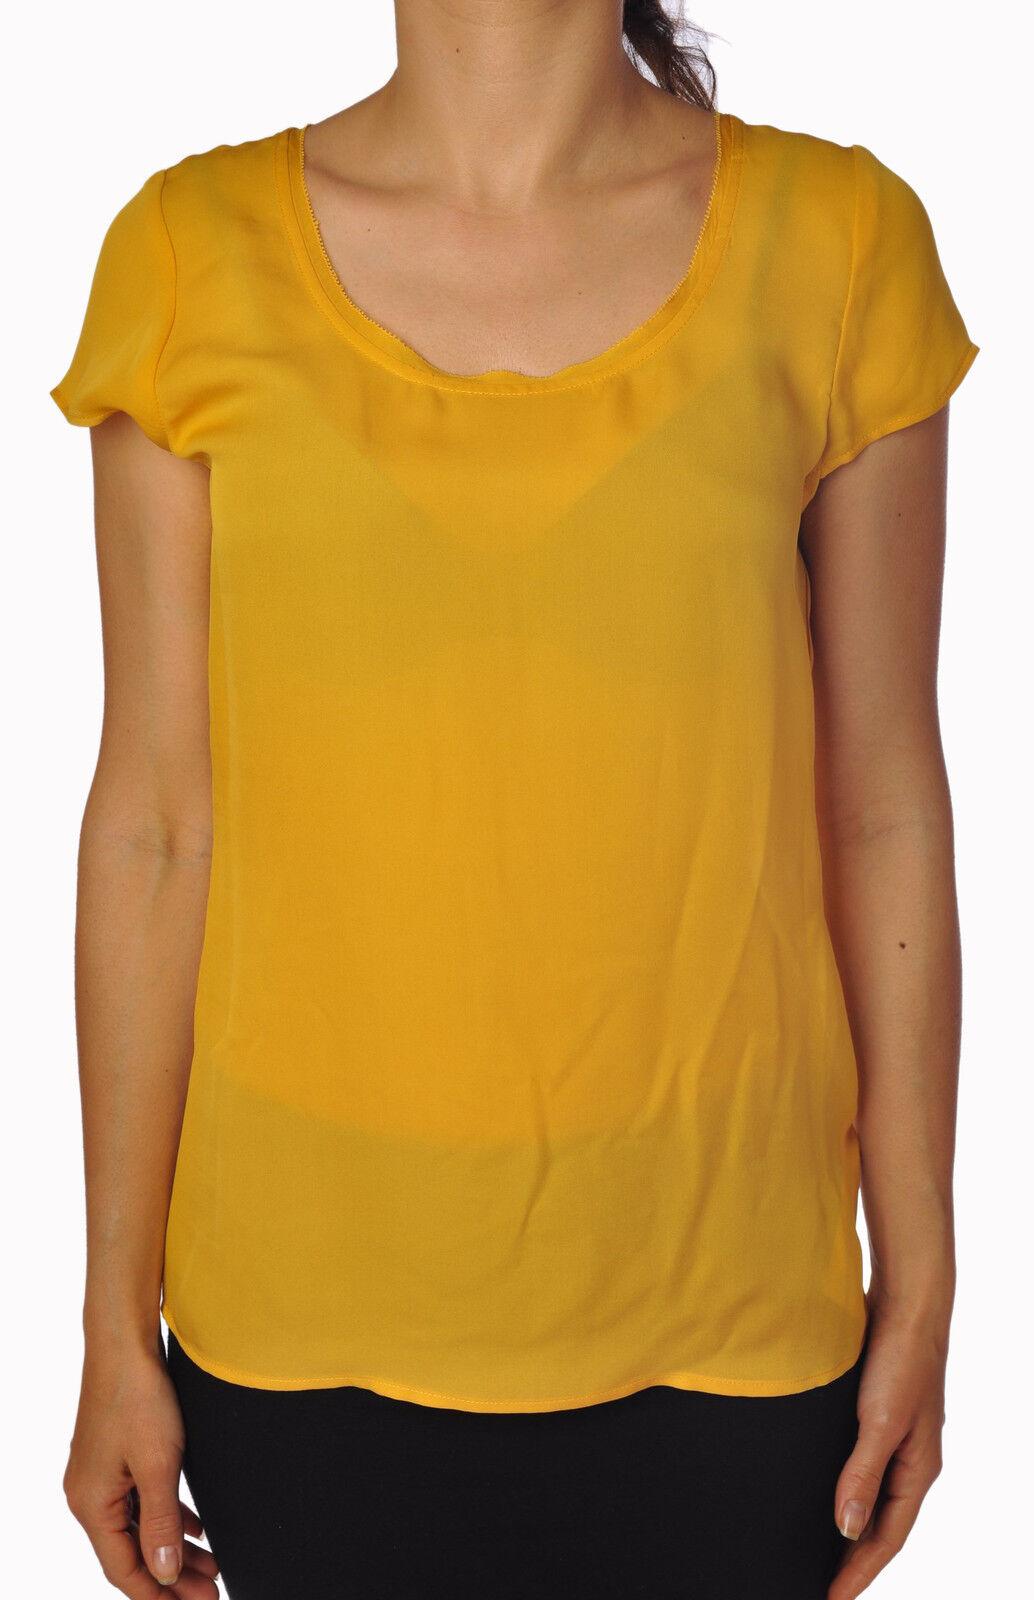 Liu-Jo - Topwear-T-shirts - woman - Gelb - 789817C184721